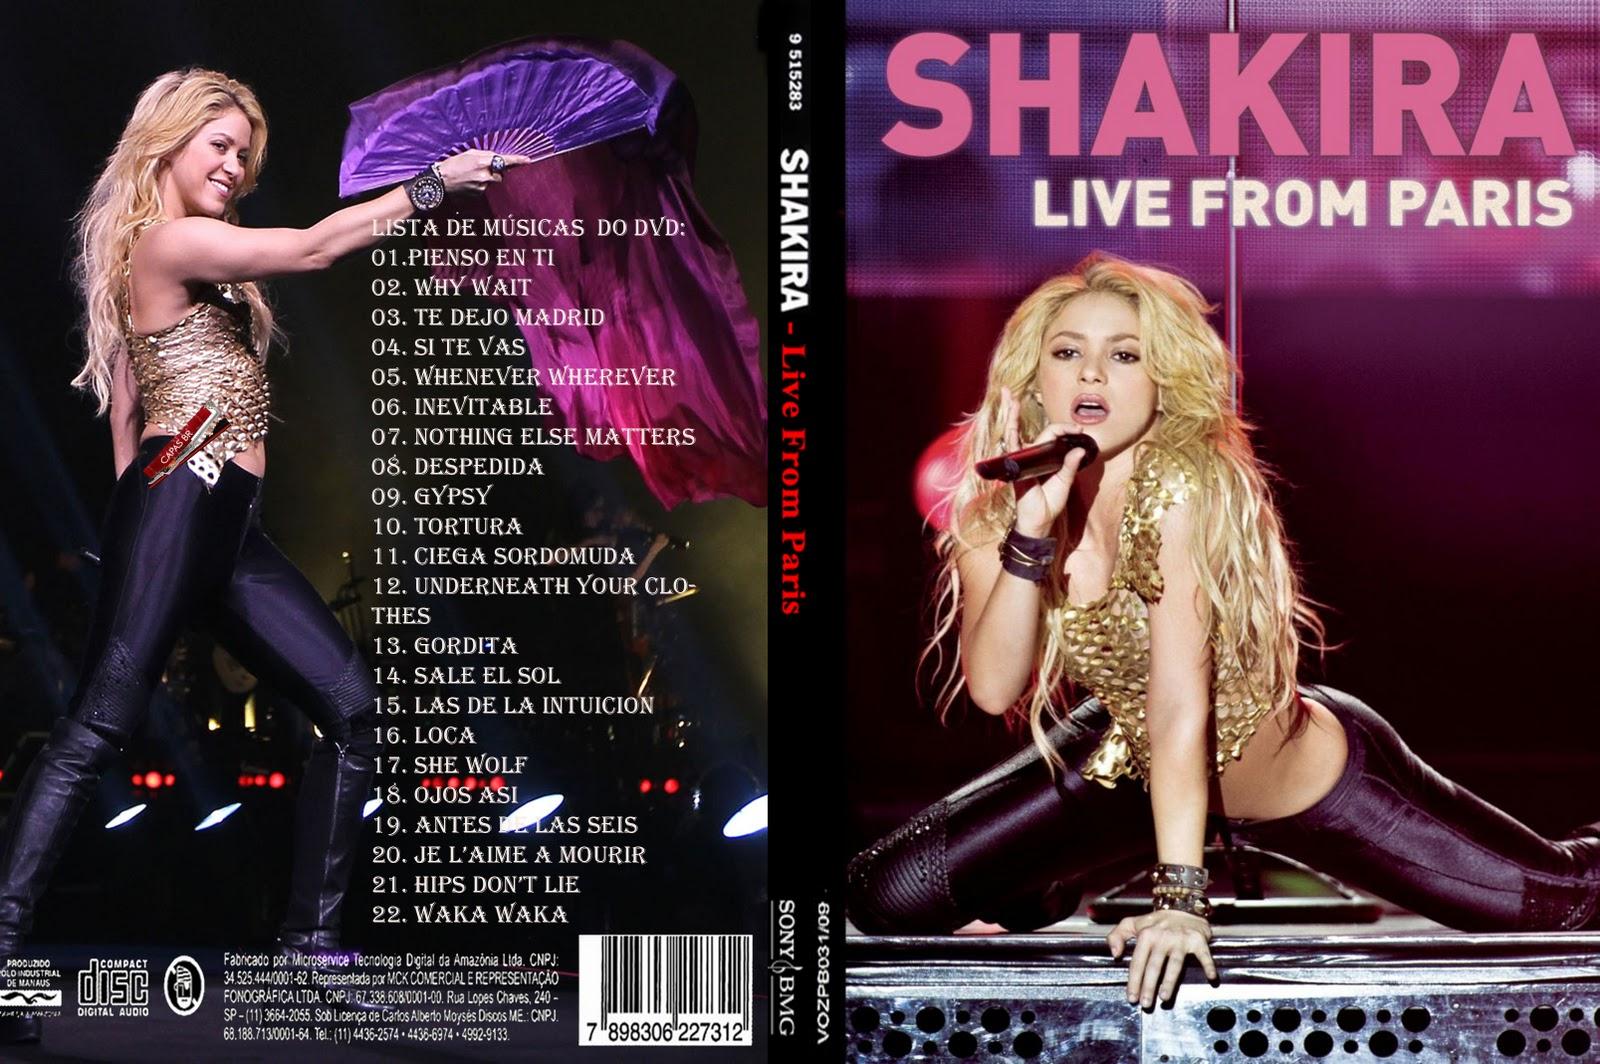 http://3.bp.blogspot.com/-z5FJtmKAxMM/T1SpUWtX9oI/AAAAAAAABkQ/9IbOT8cvvng/s1600/Shakira_-_Live_from_Paris__2011.jpg